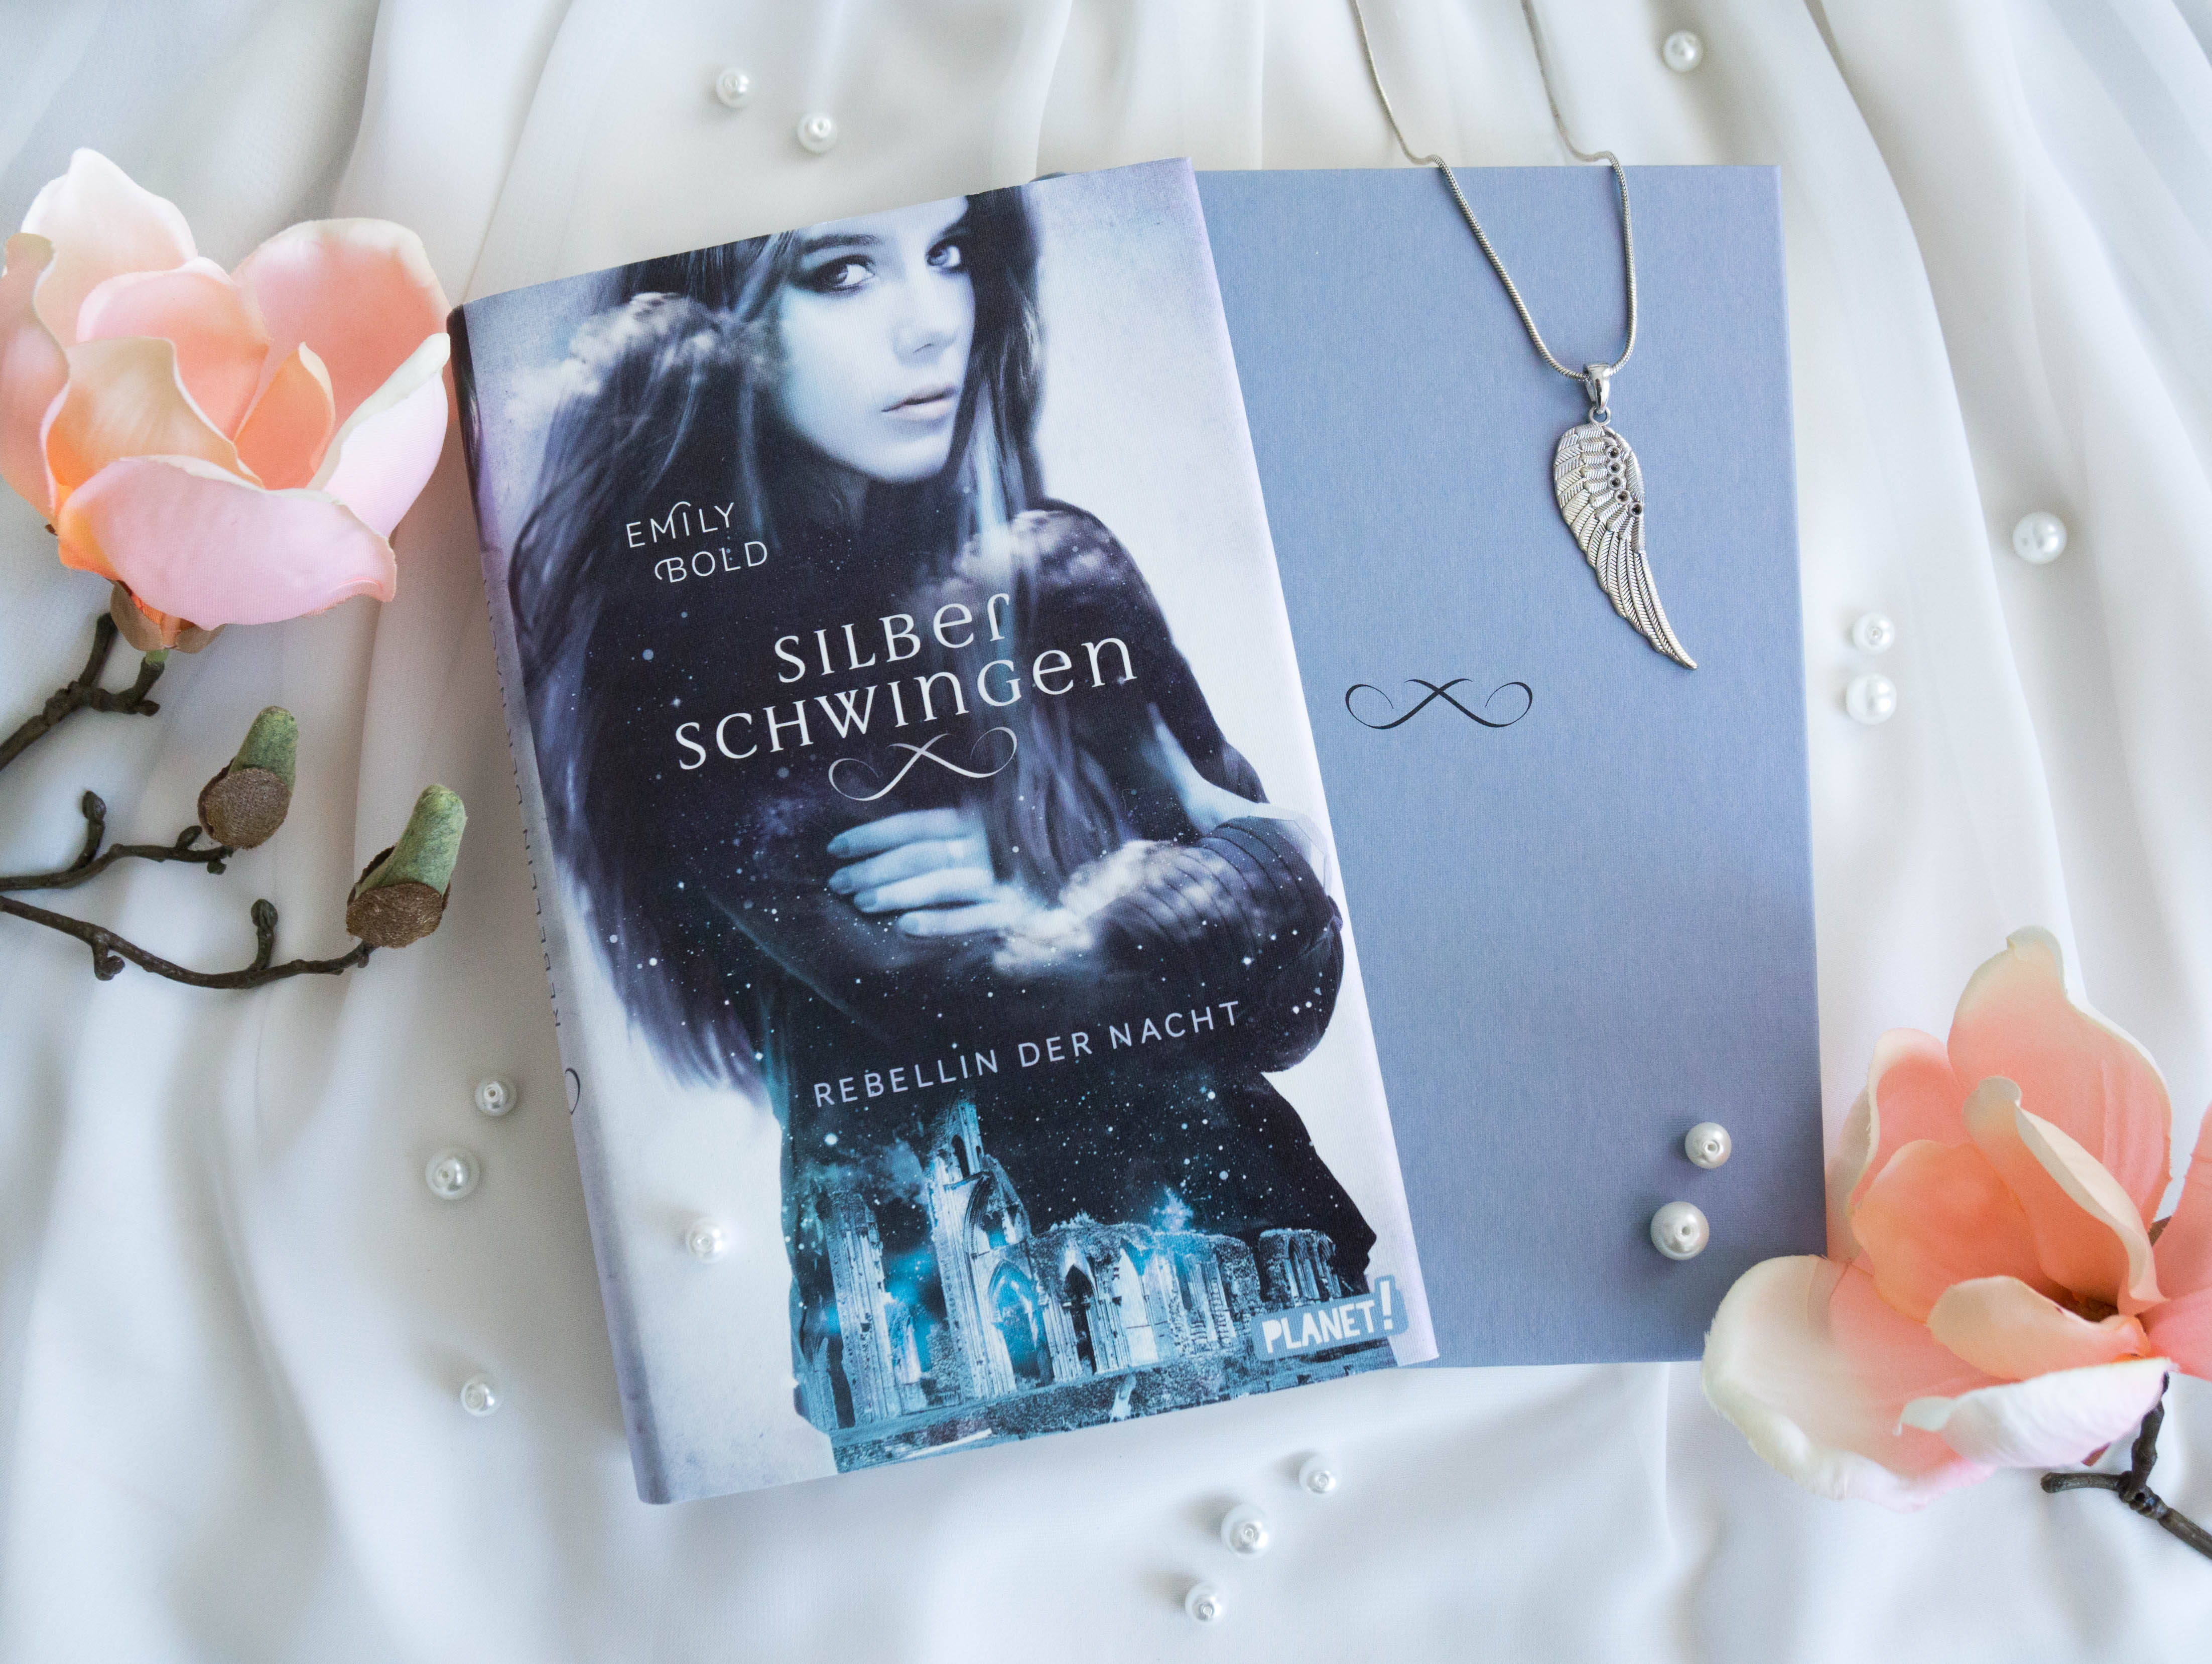 Silberschwingen 2: Rebellin der Nacht – Emily Bold graphic